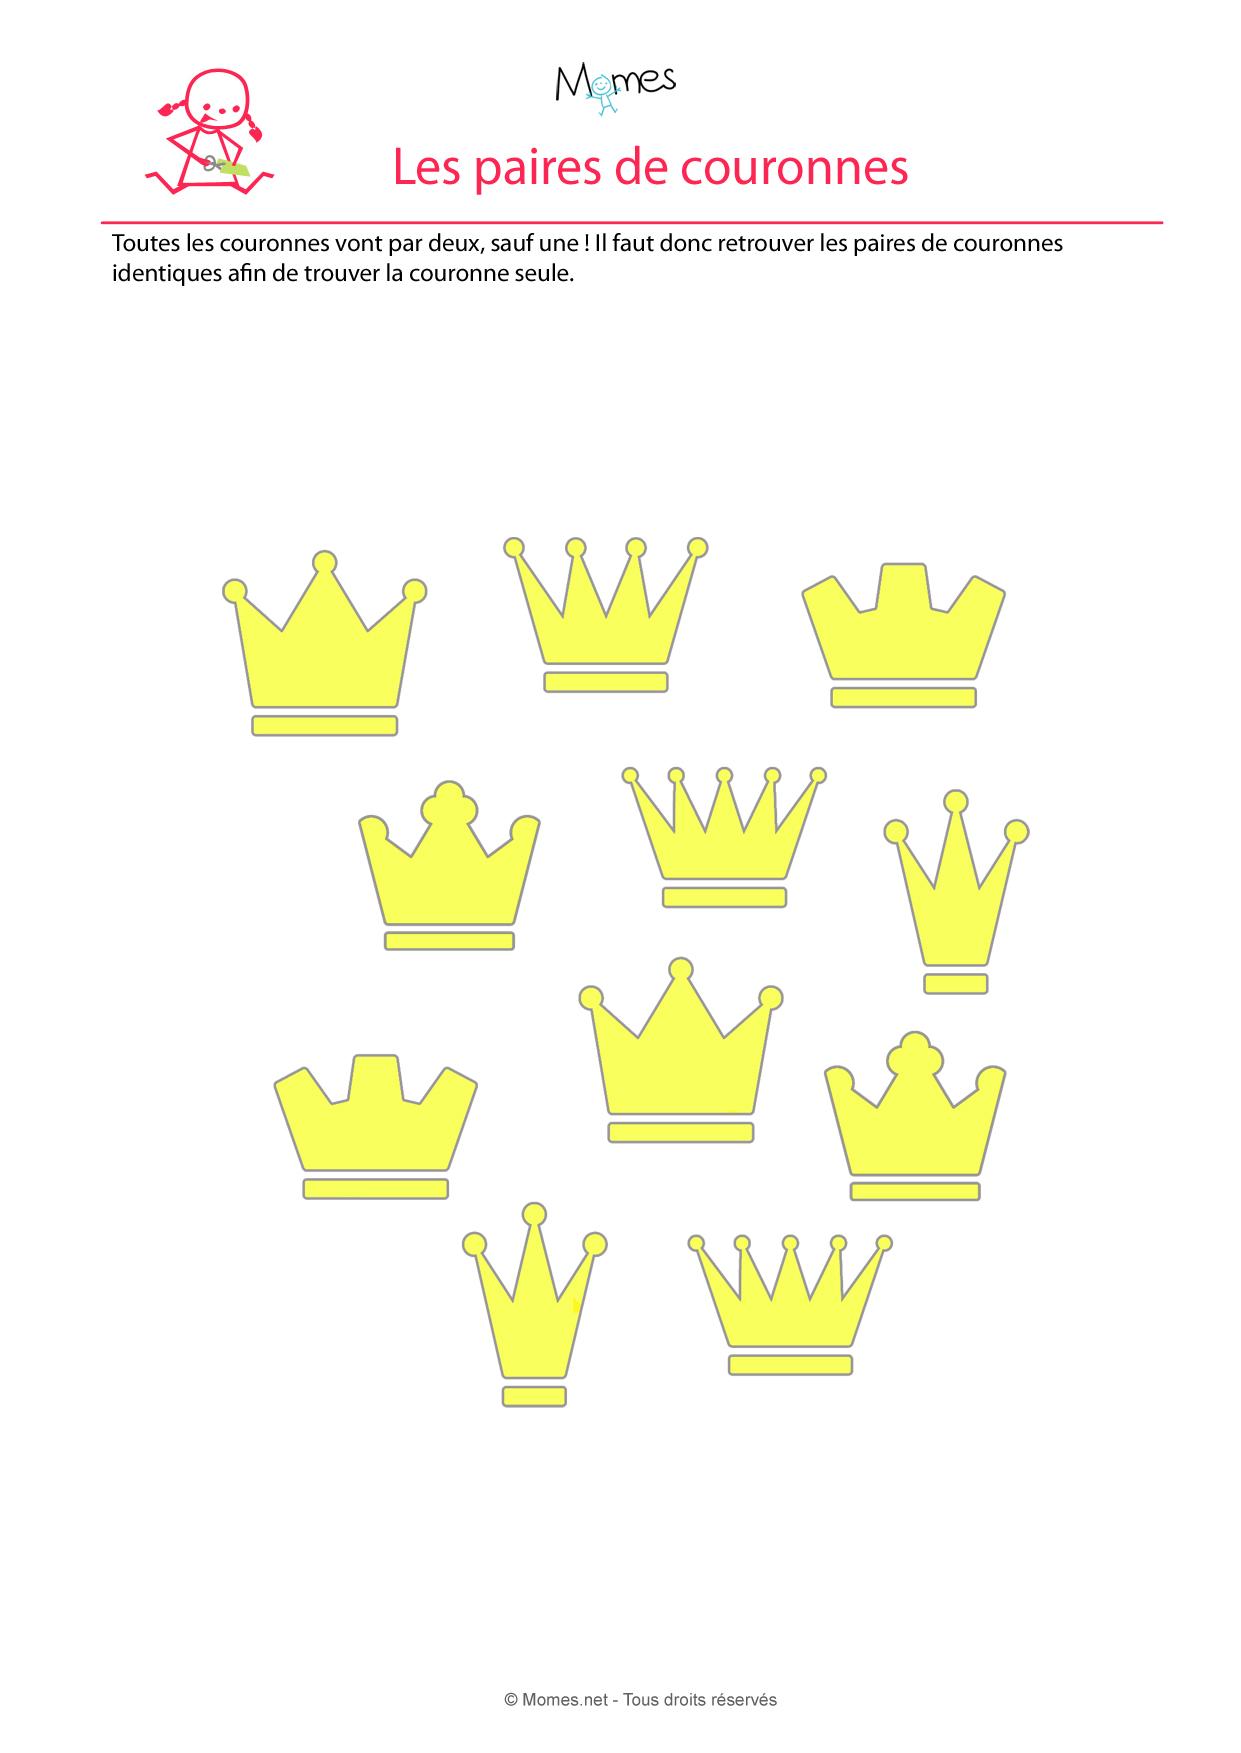 Retrouve les paires de couronnes à imprimer